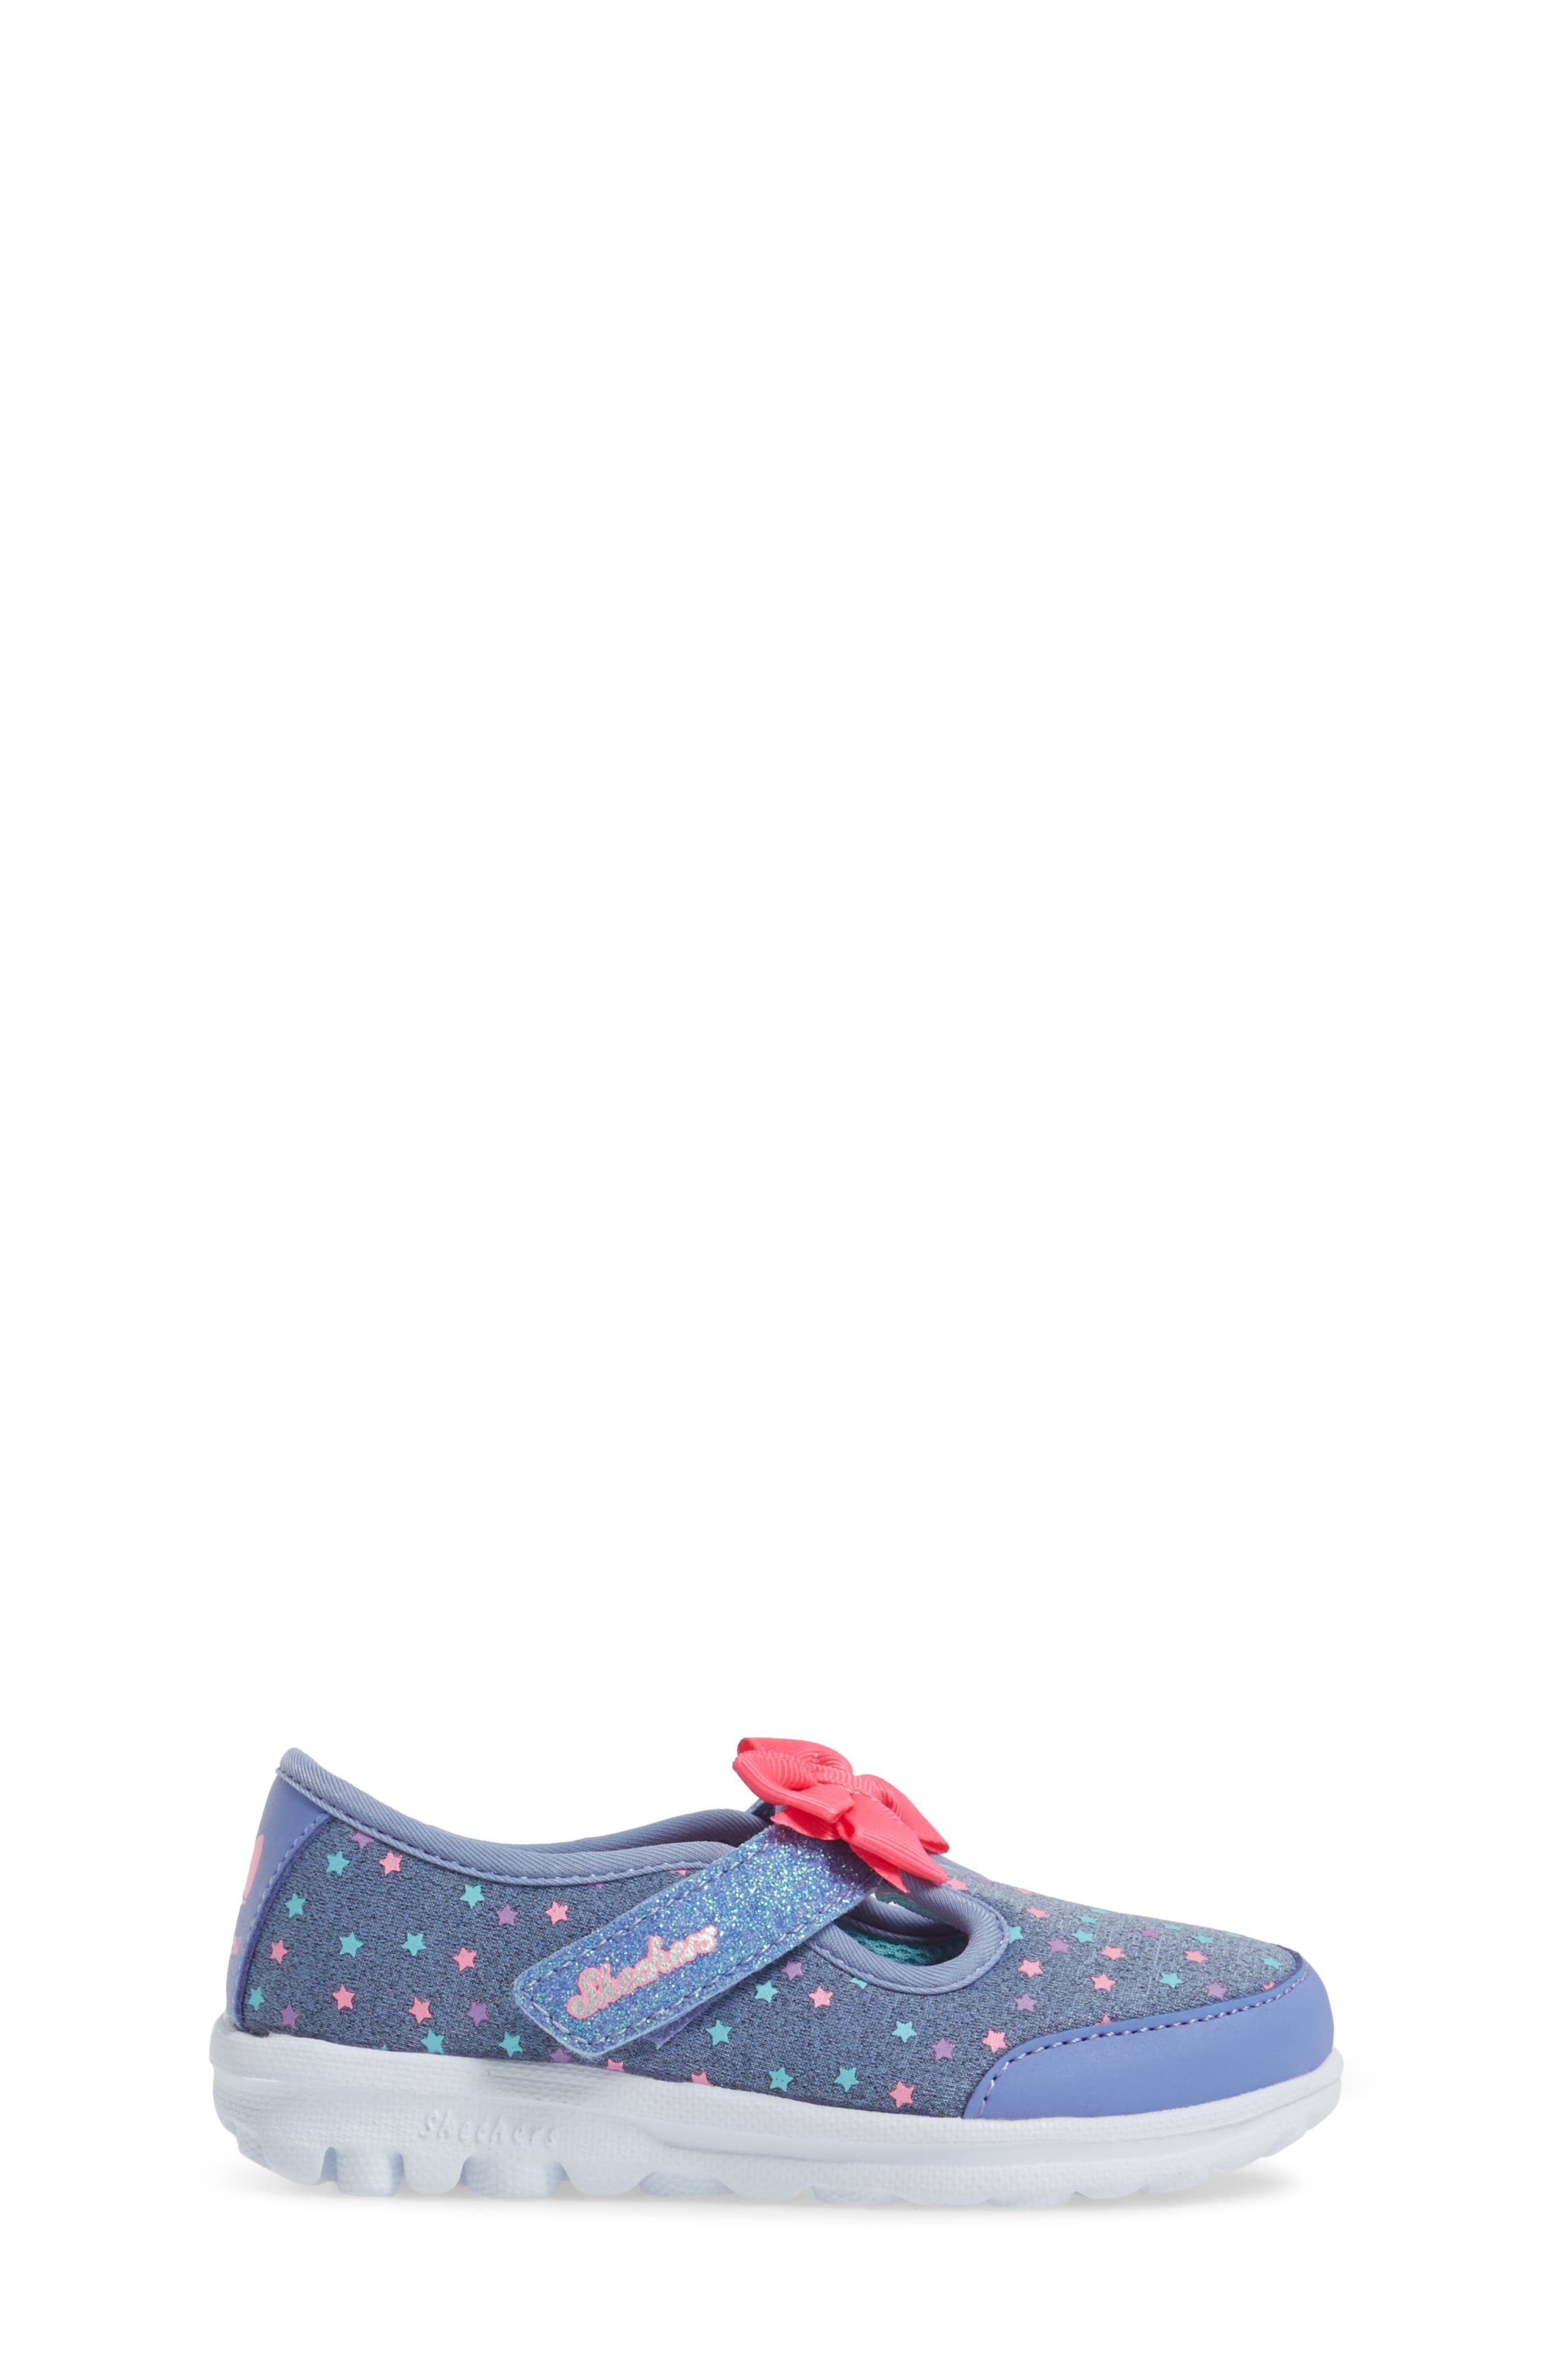 Go Walk Slip-On Sneaker,                             Alternate thumbnail 6, color,